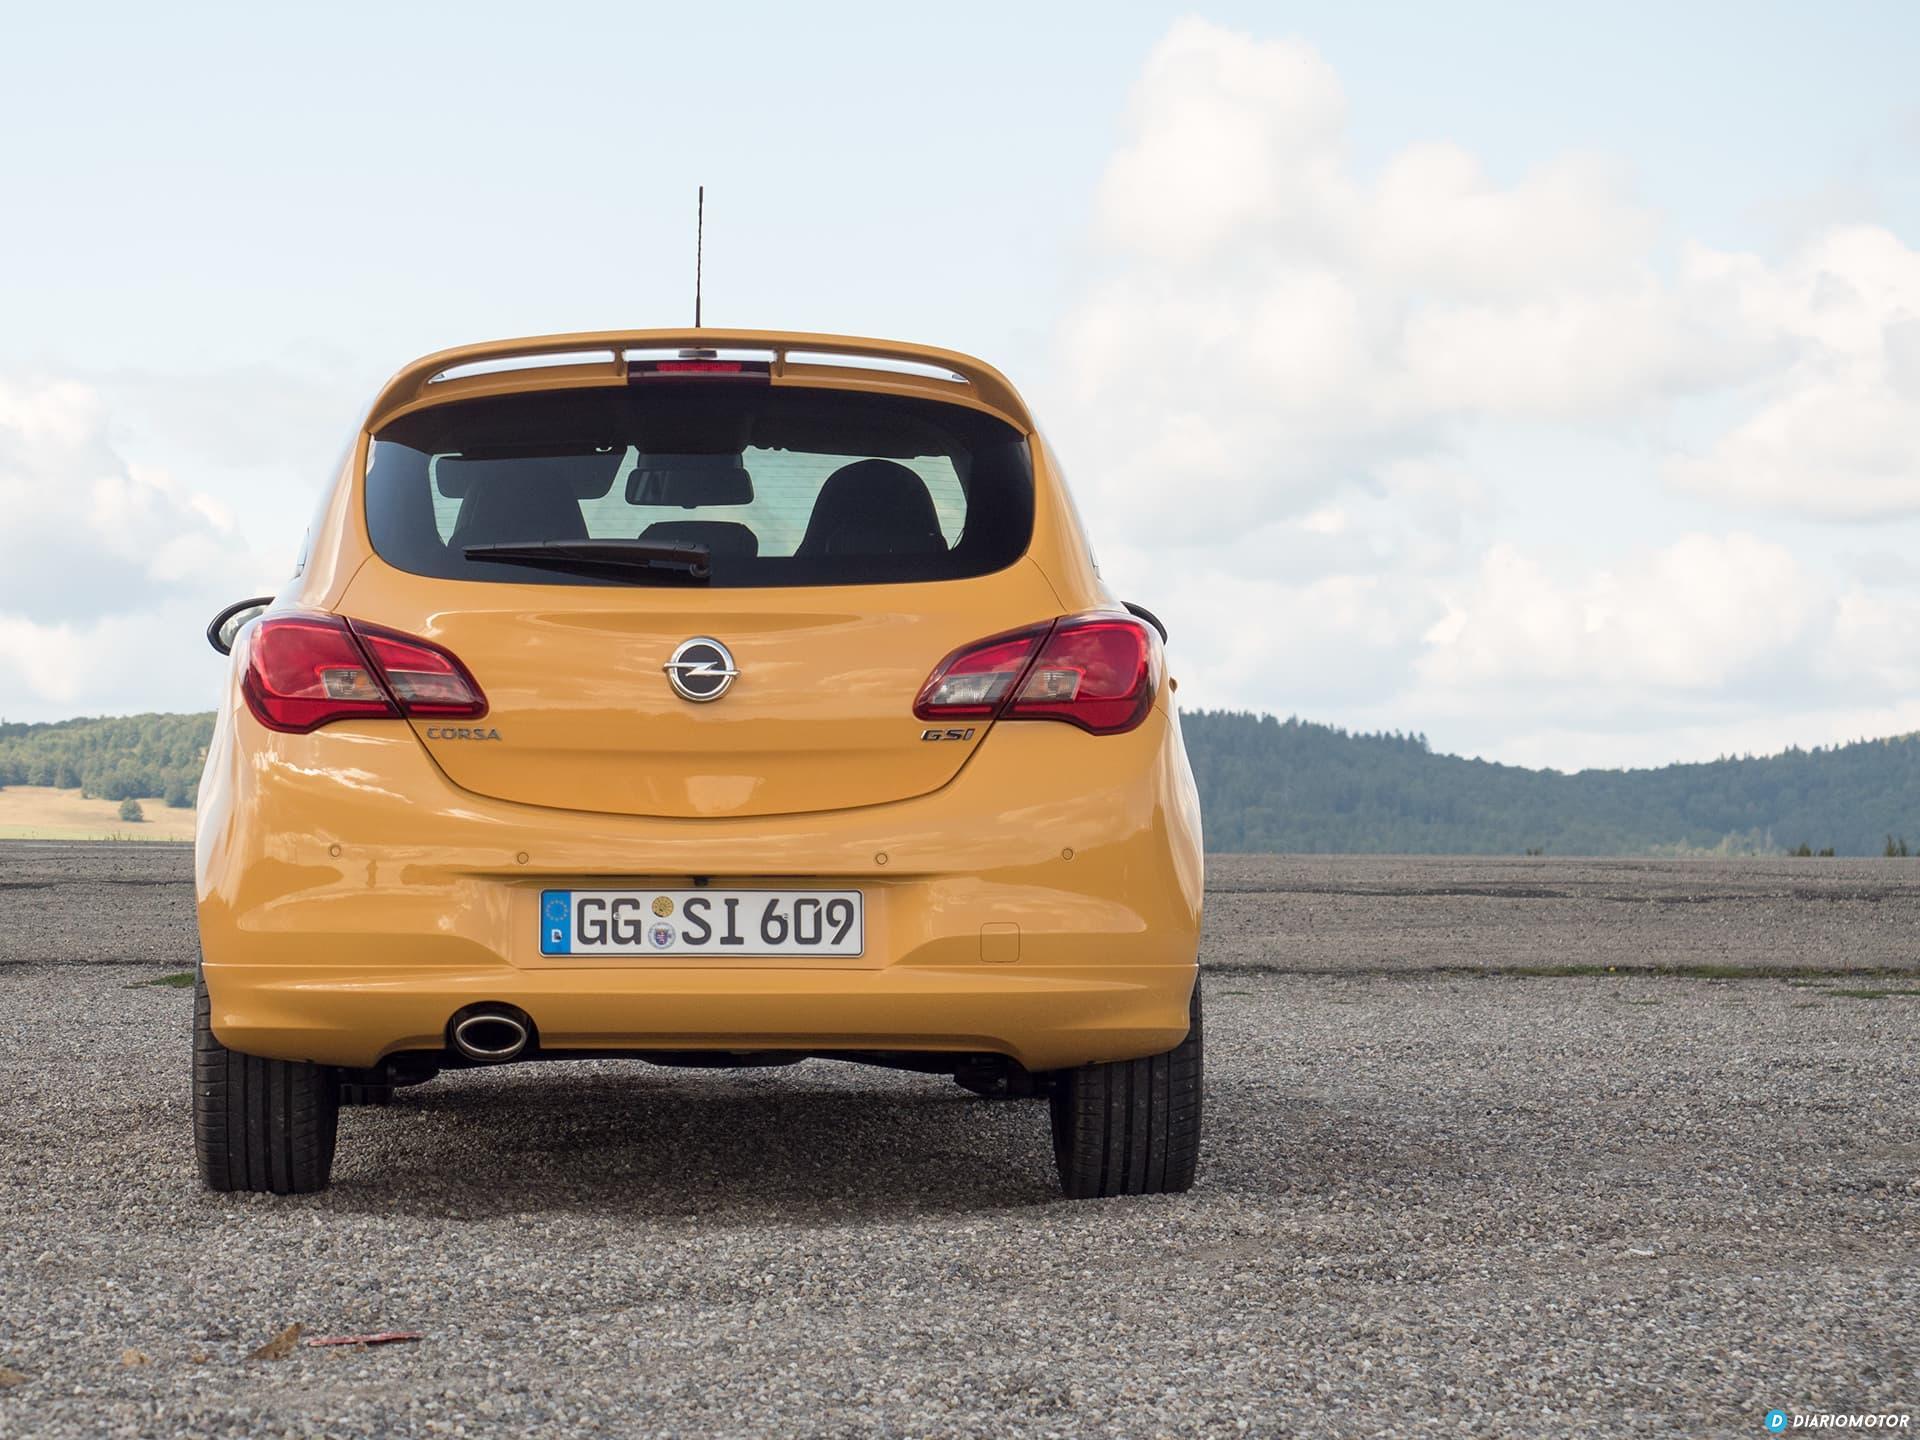 Opel Corsa Gsi Exterior 00006